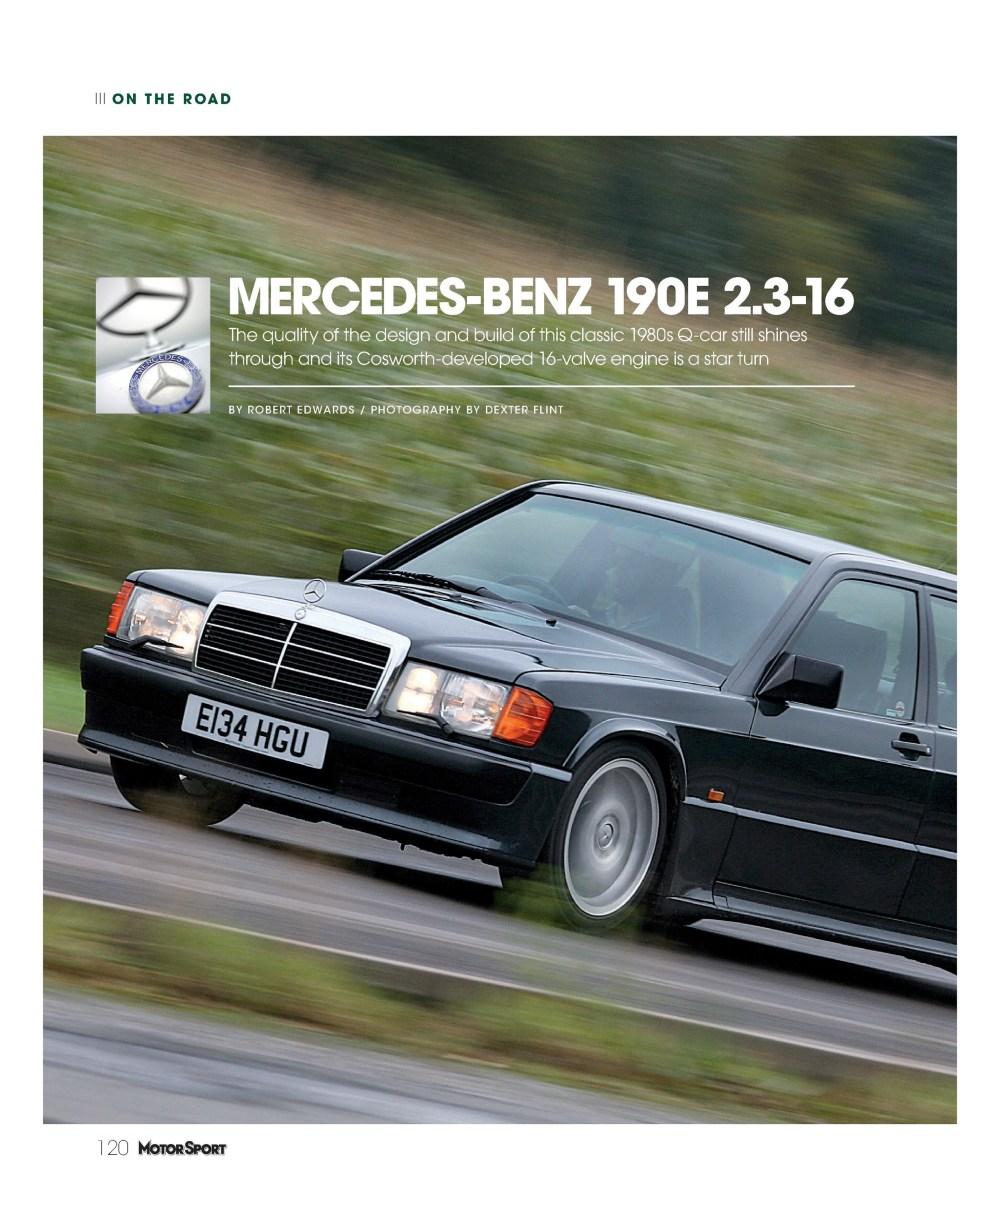 medium resolution of mercede benz 1987 190e 2 3 engine diagram